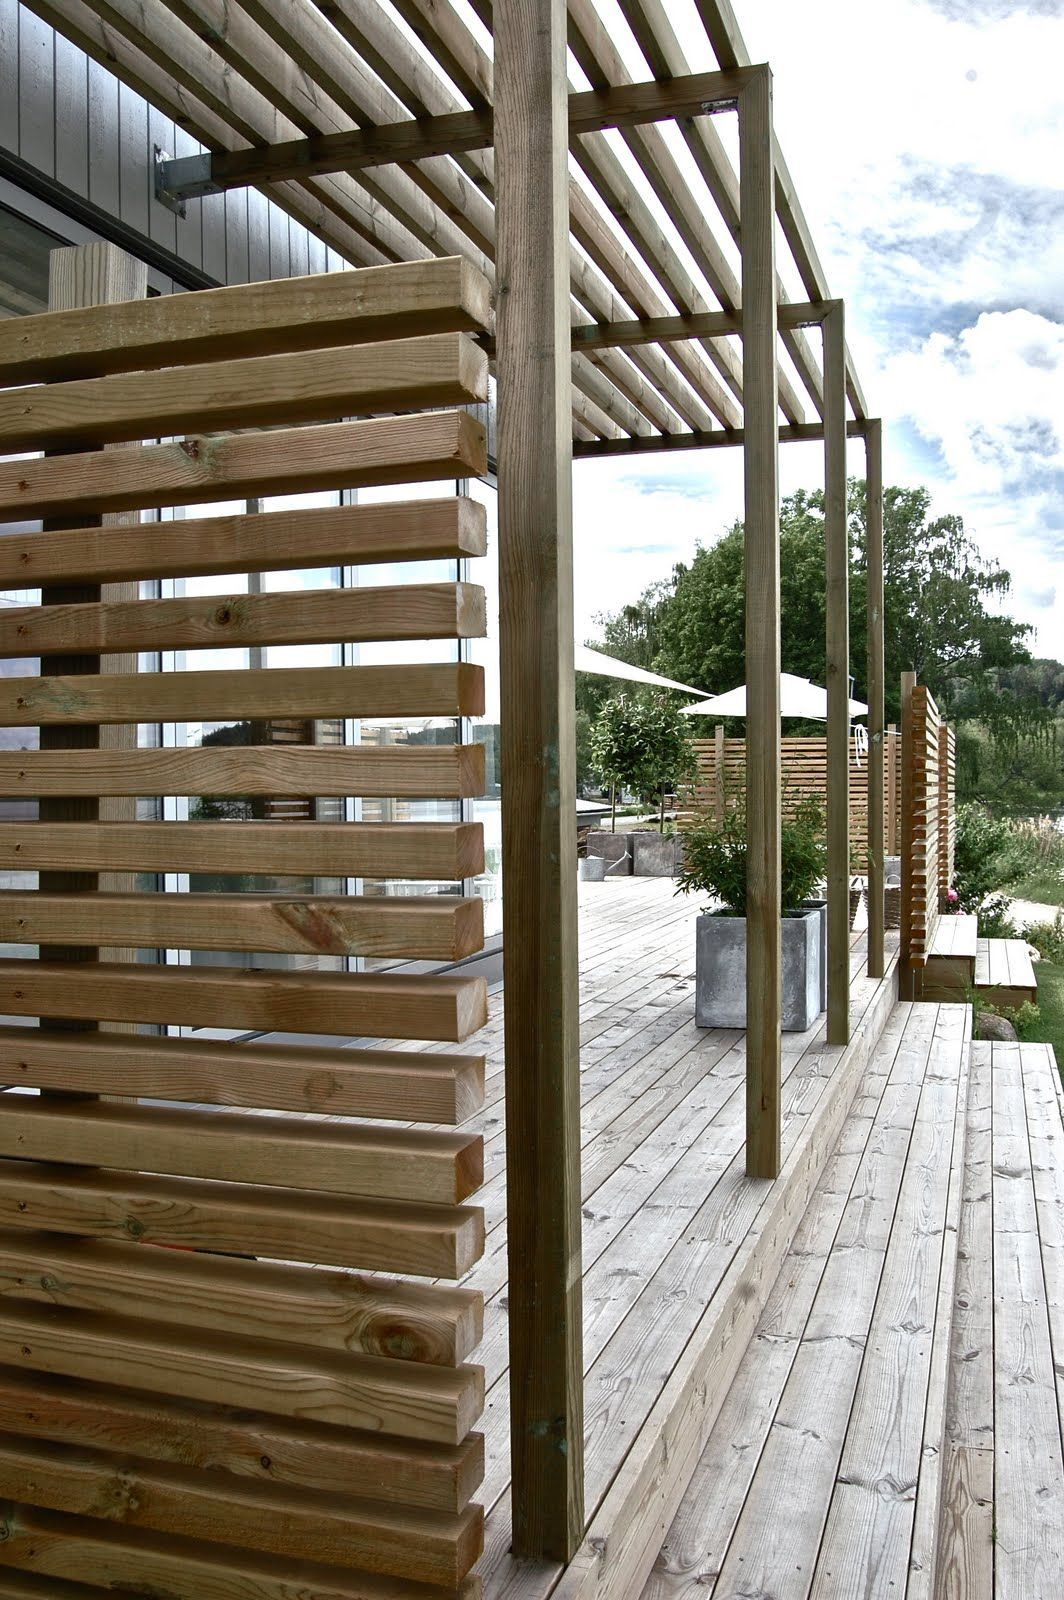 les 25 meilleures id es de la cat gorie terrasse en vue sur pinterest cloture brise vue brise. Black Bedroom Furniture Sets. Home Design Ideas